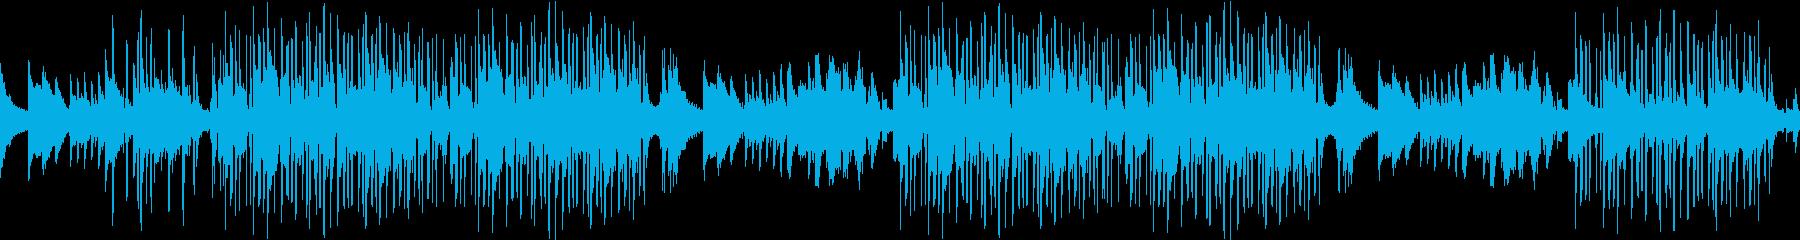 レトロ・ピアノ・怖い・寂しい・ループの再生済みの波形